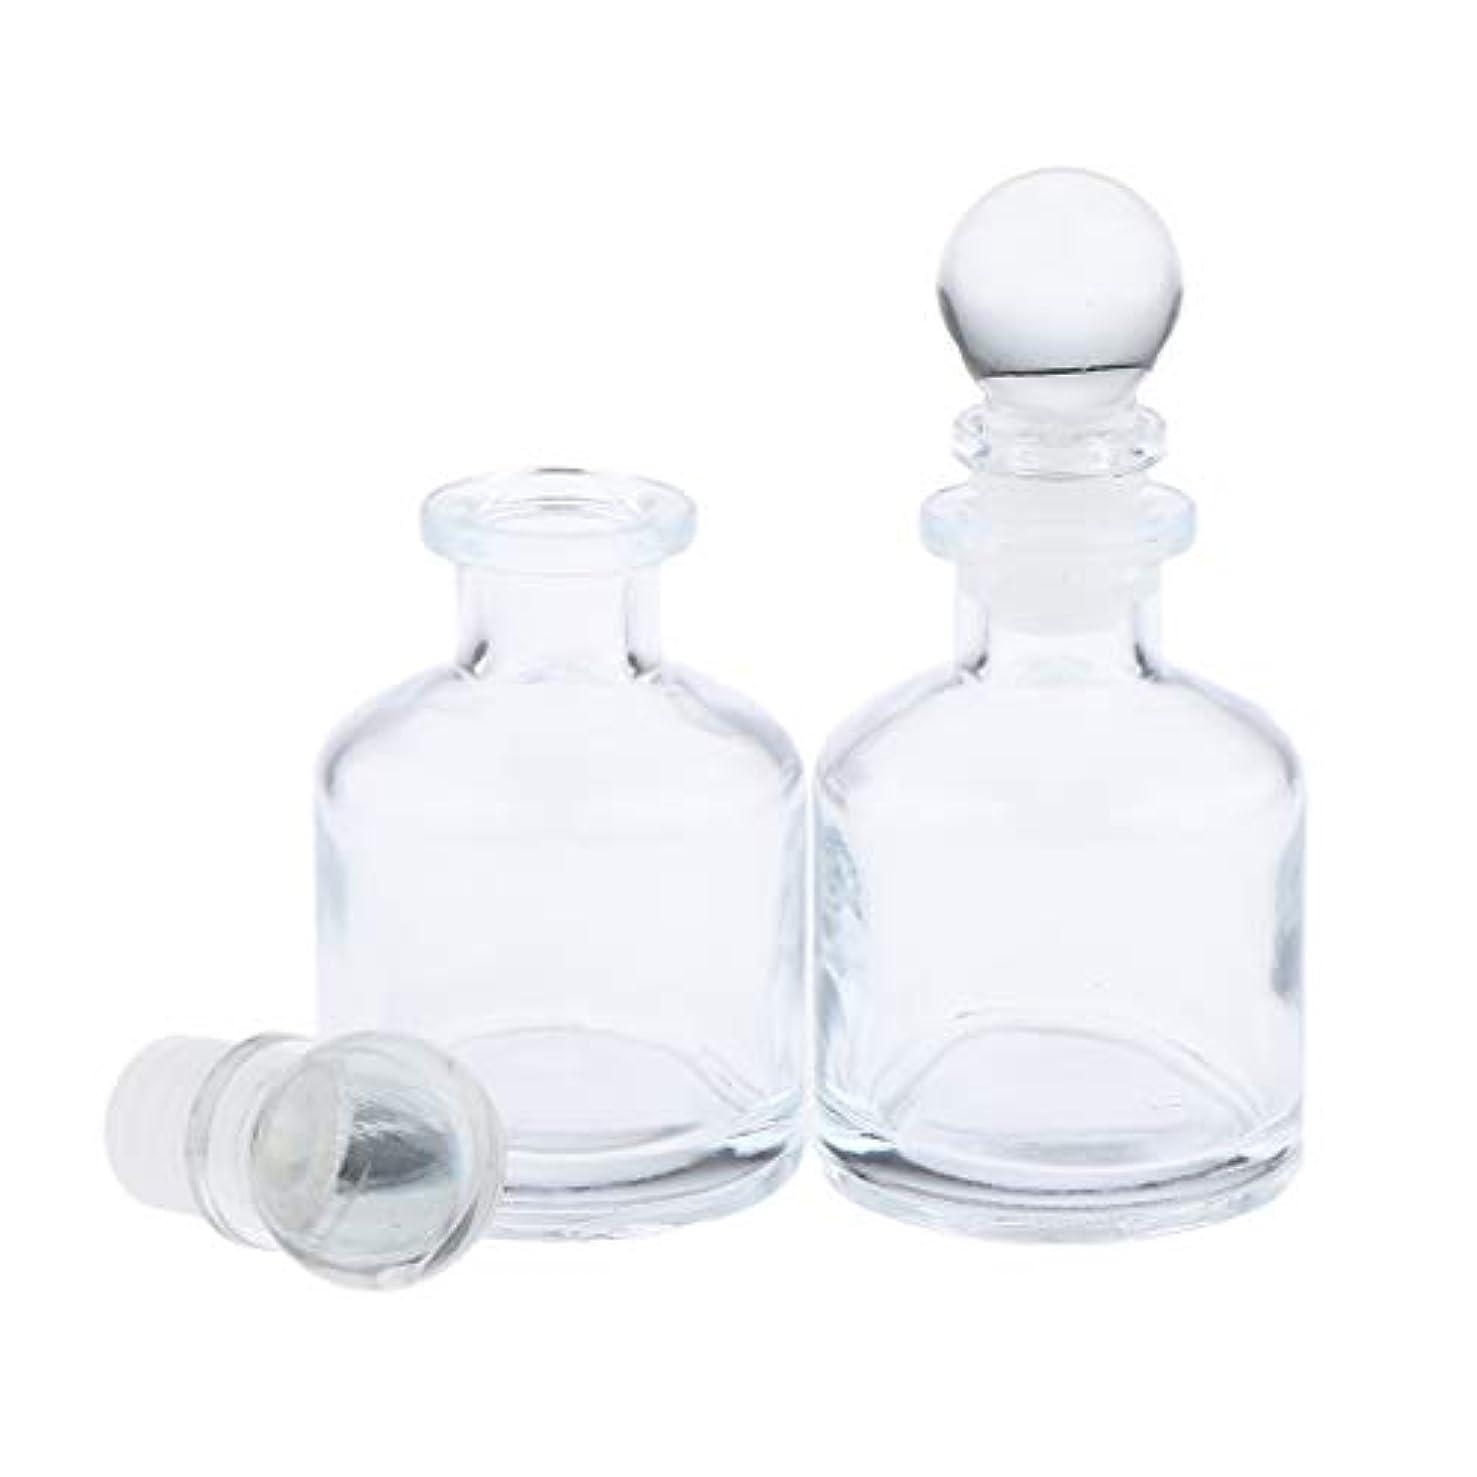 忙しいオプショナル離れたToygogo 香水ボトル ガラス エッセンシャルオイル ボトル 透明 丸い 香水瓶 2サイズ選べ - 50ミリリットル